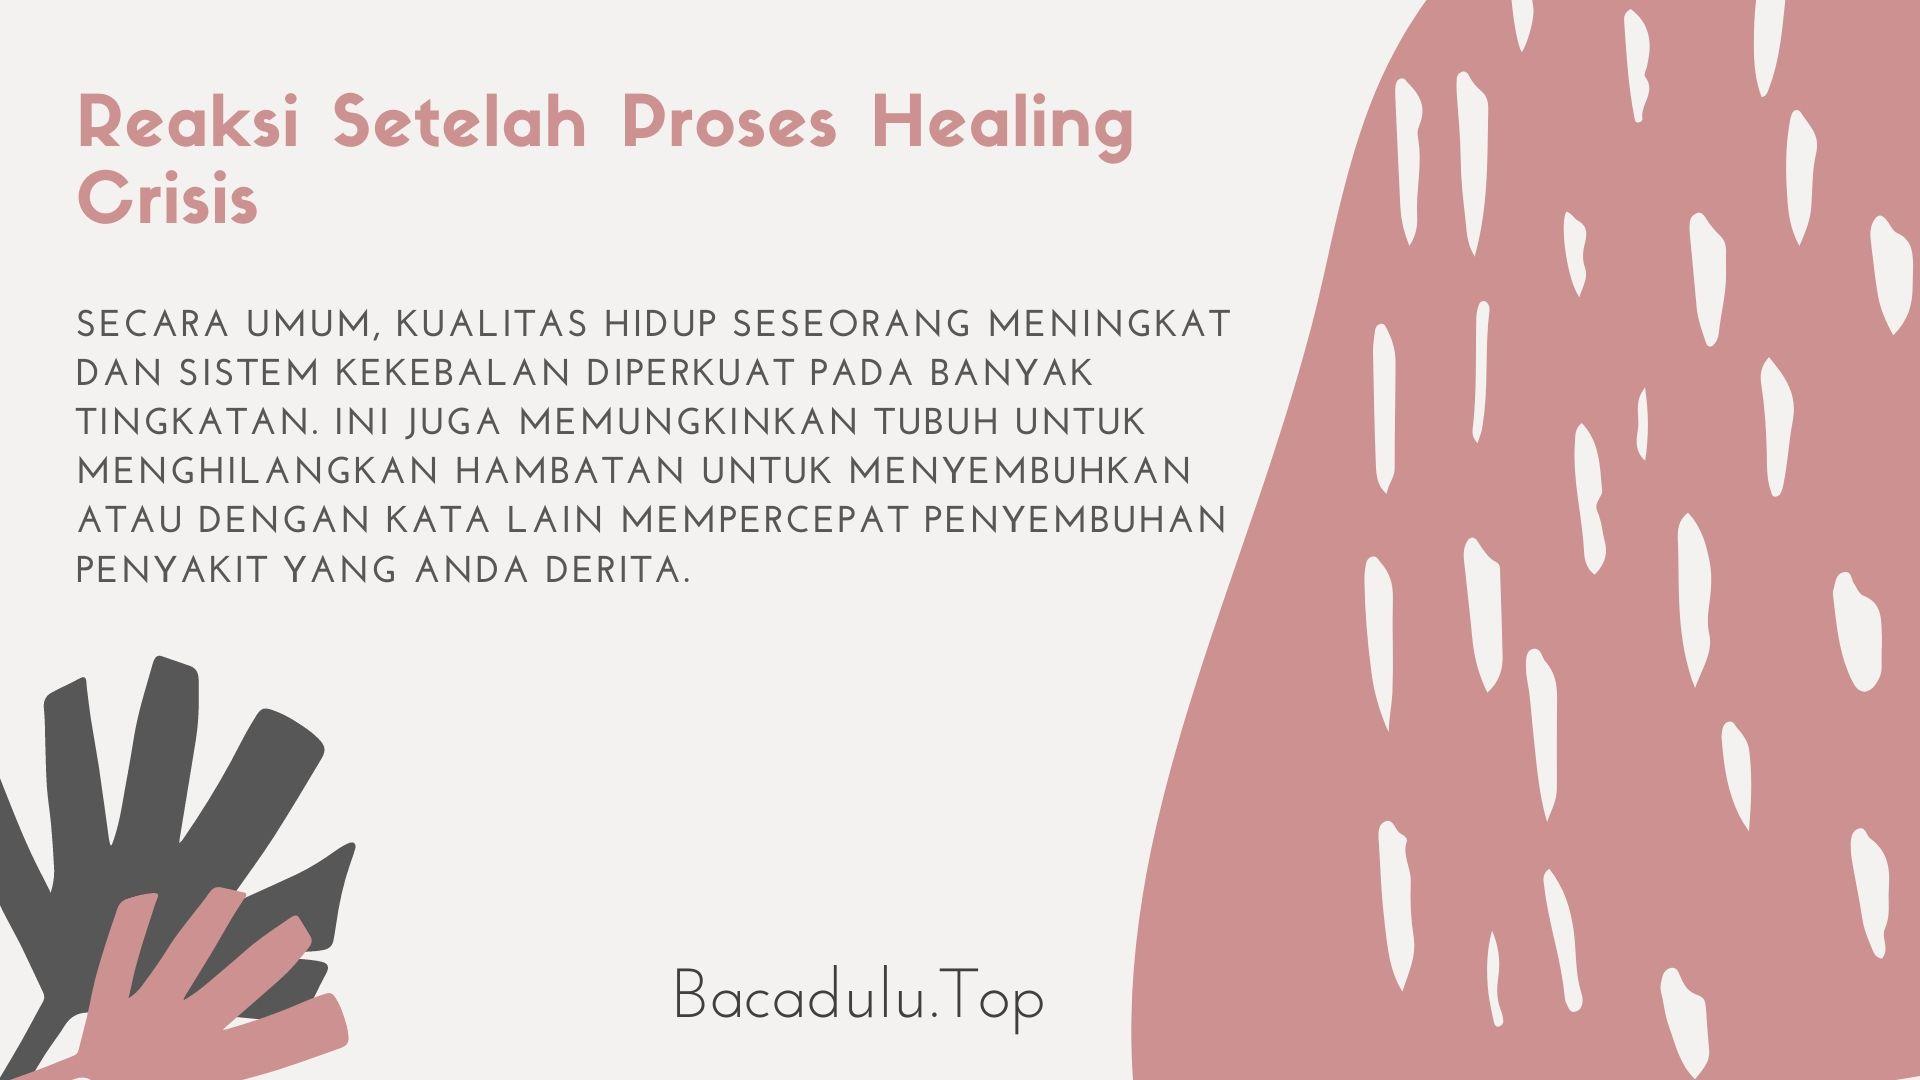 Apa Yang Akan Didapatkan Setelah Proses Healing Crisis ?